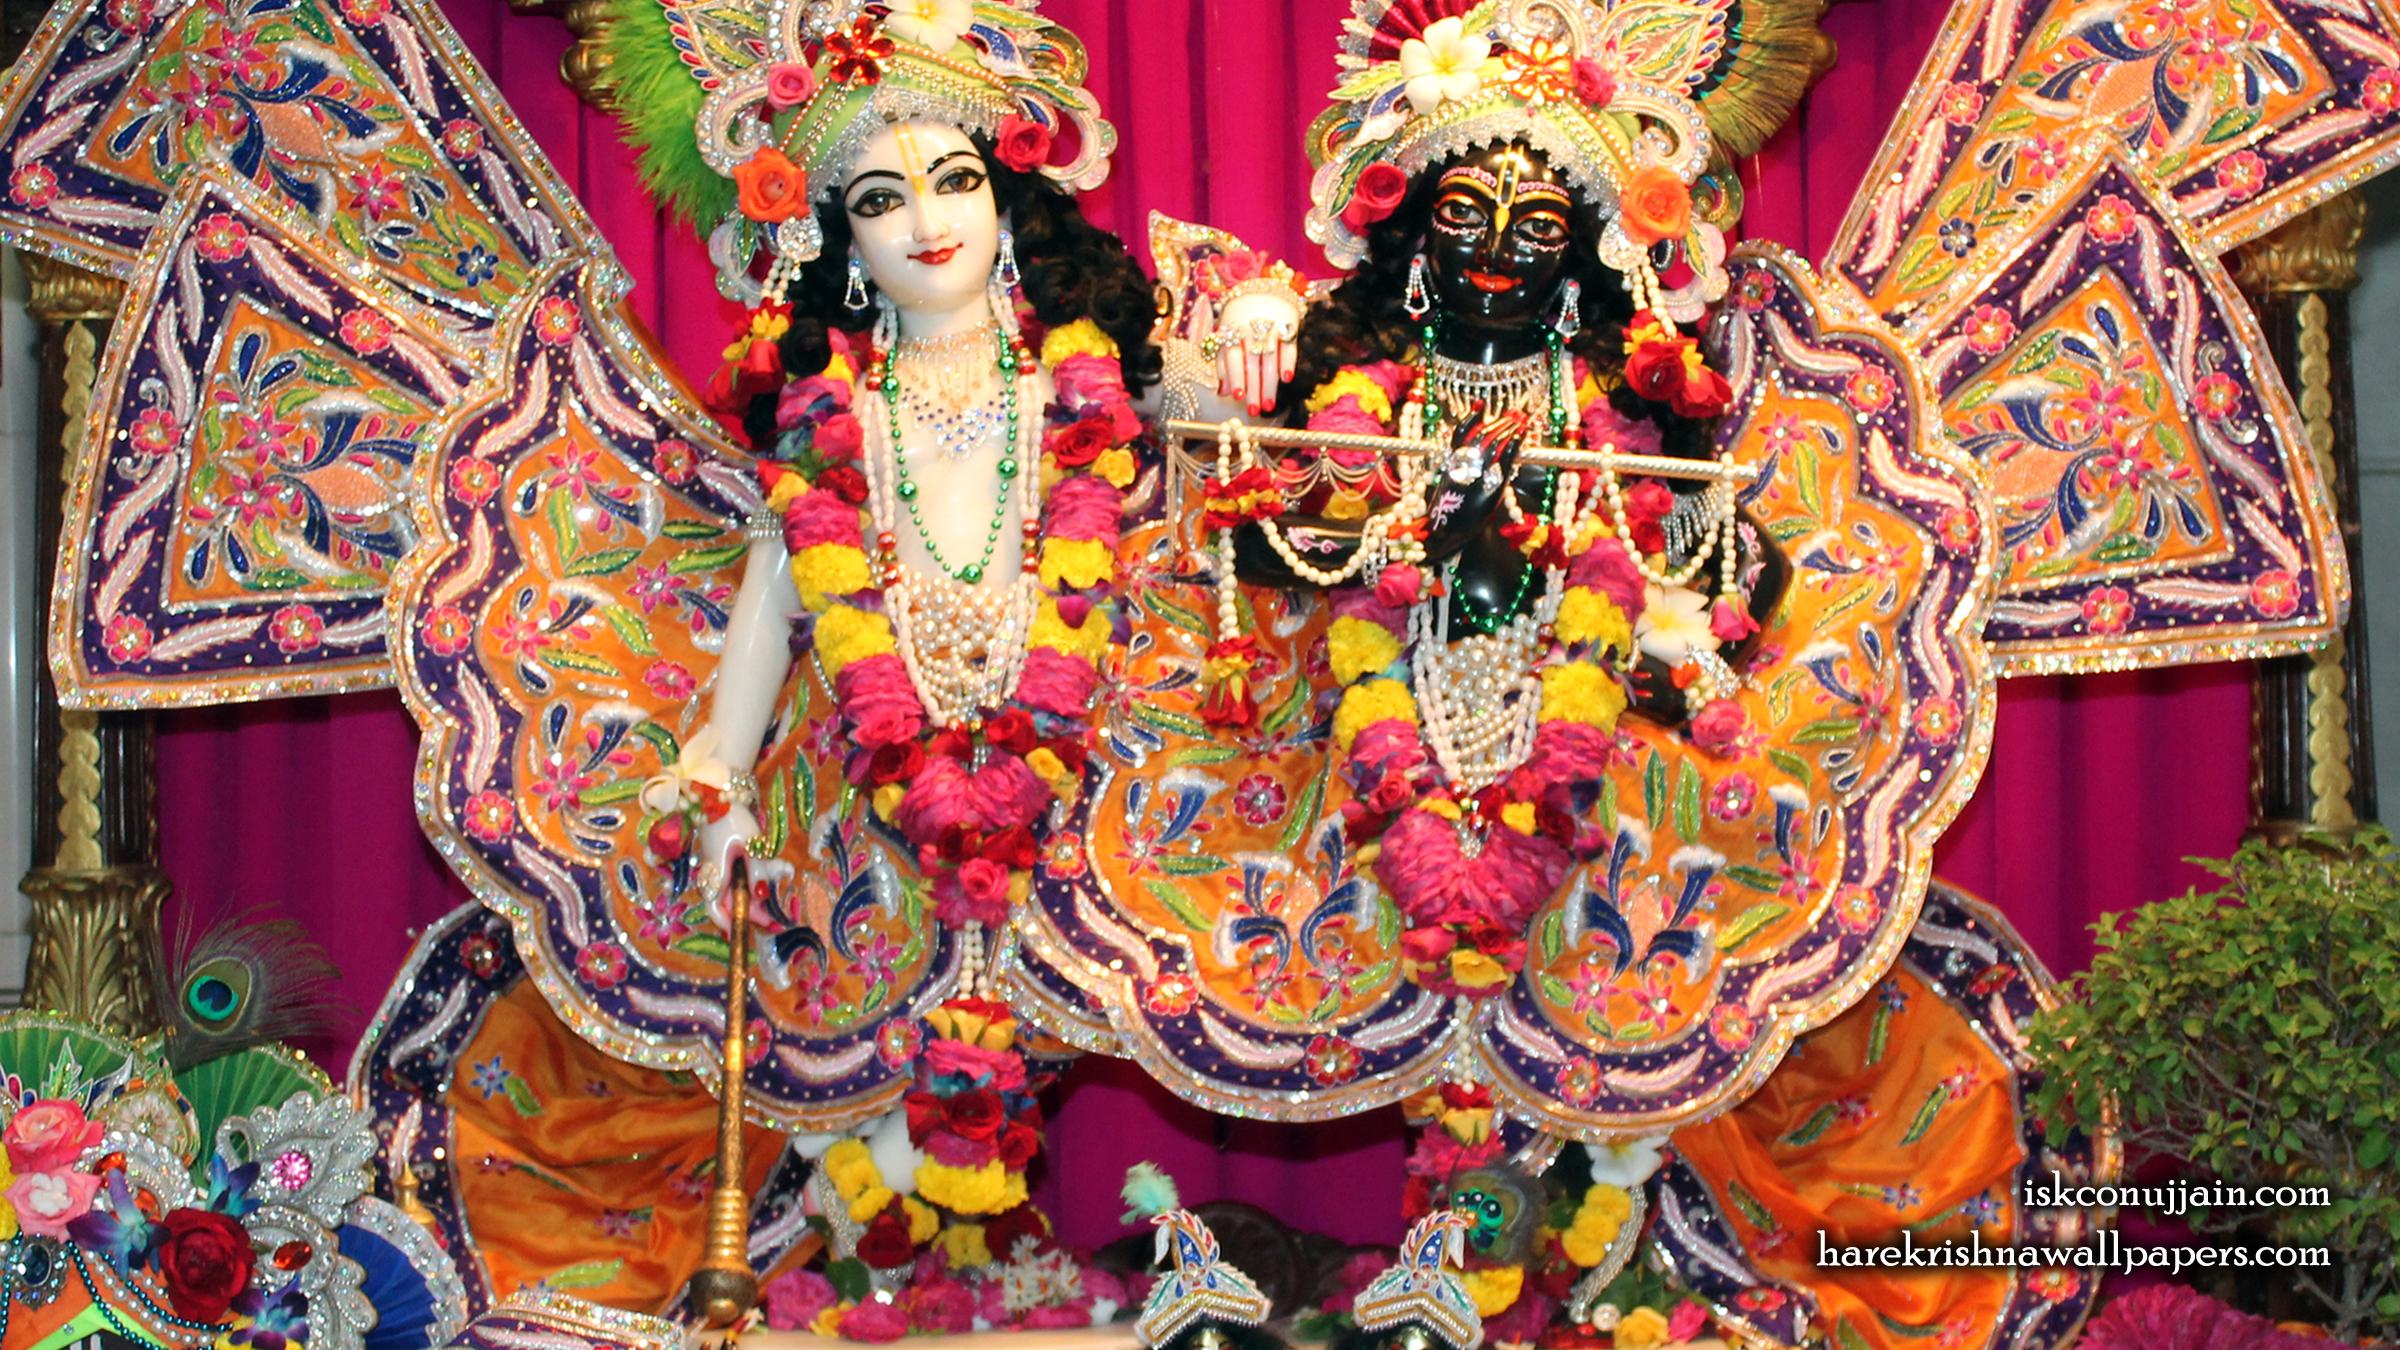 Sri Sri Krishna Balaram Wallpaper (013) Size 2400x1350 Download